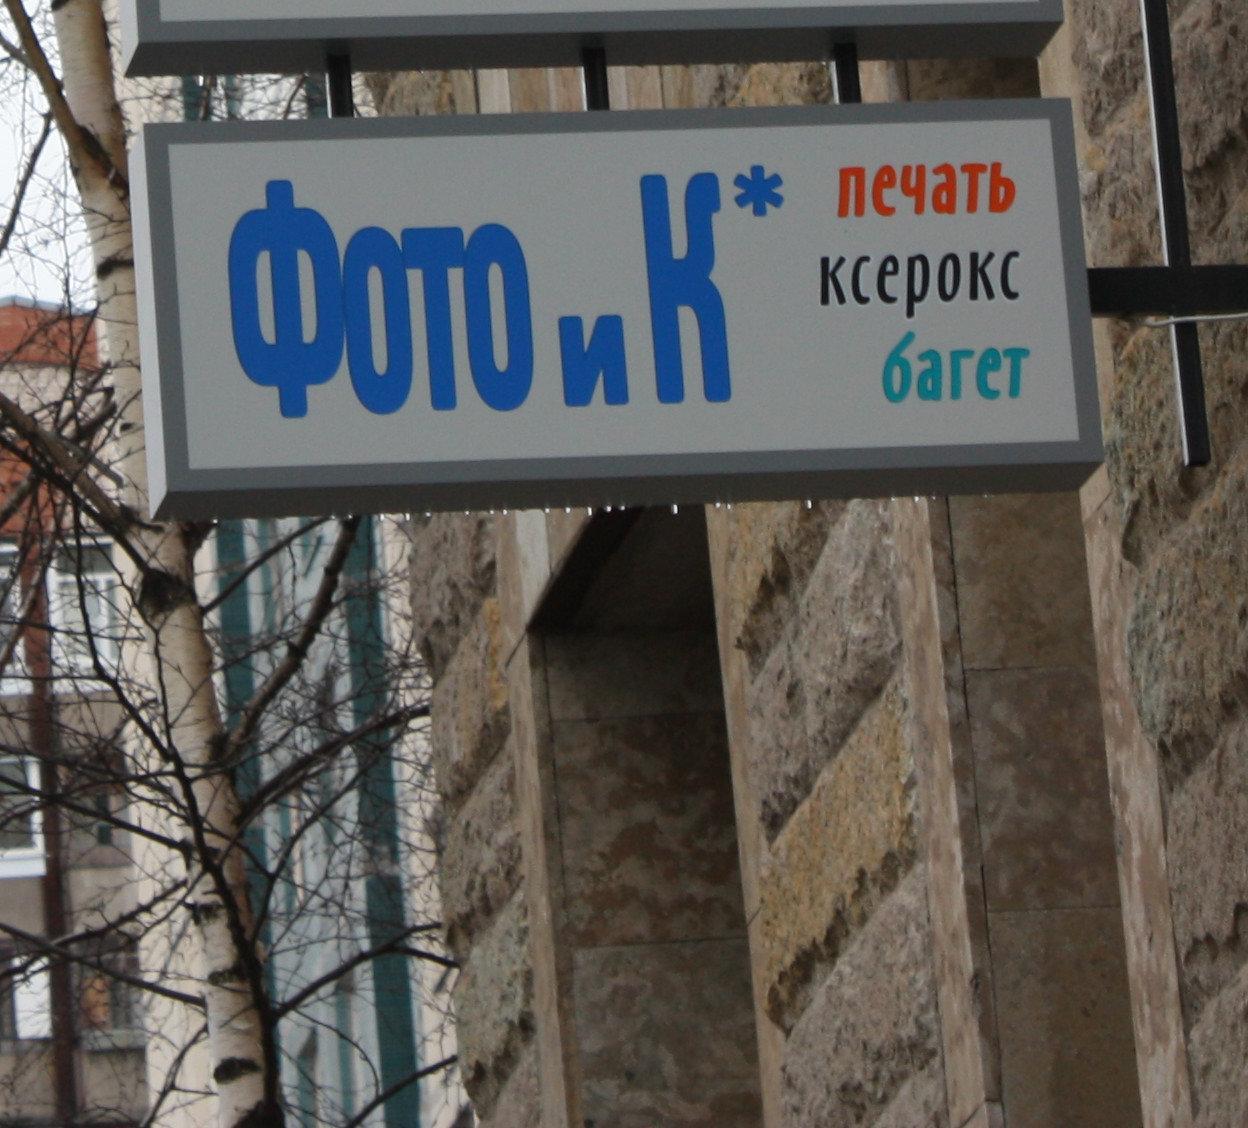 фотография Фотокопицентра Фото и К* на Ленинском проспекте